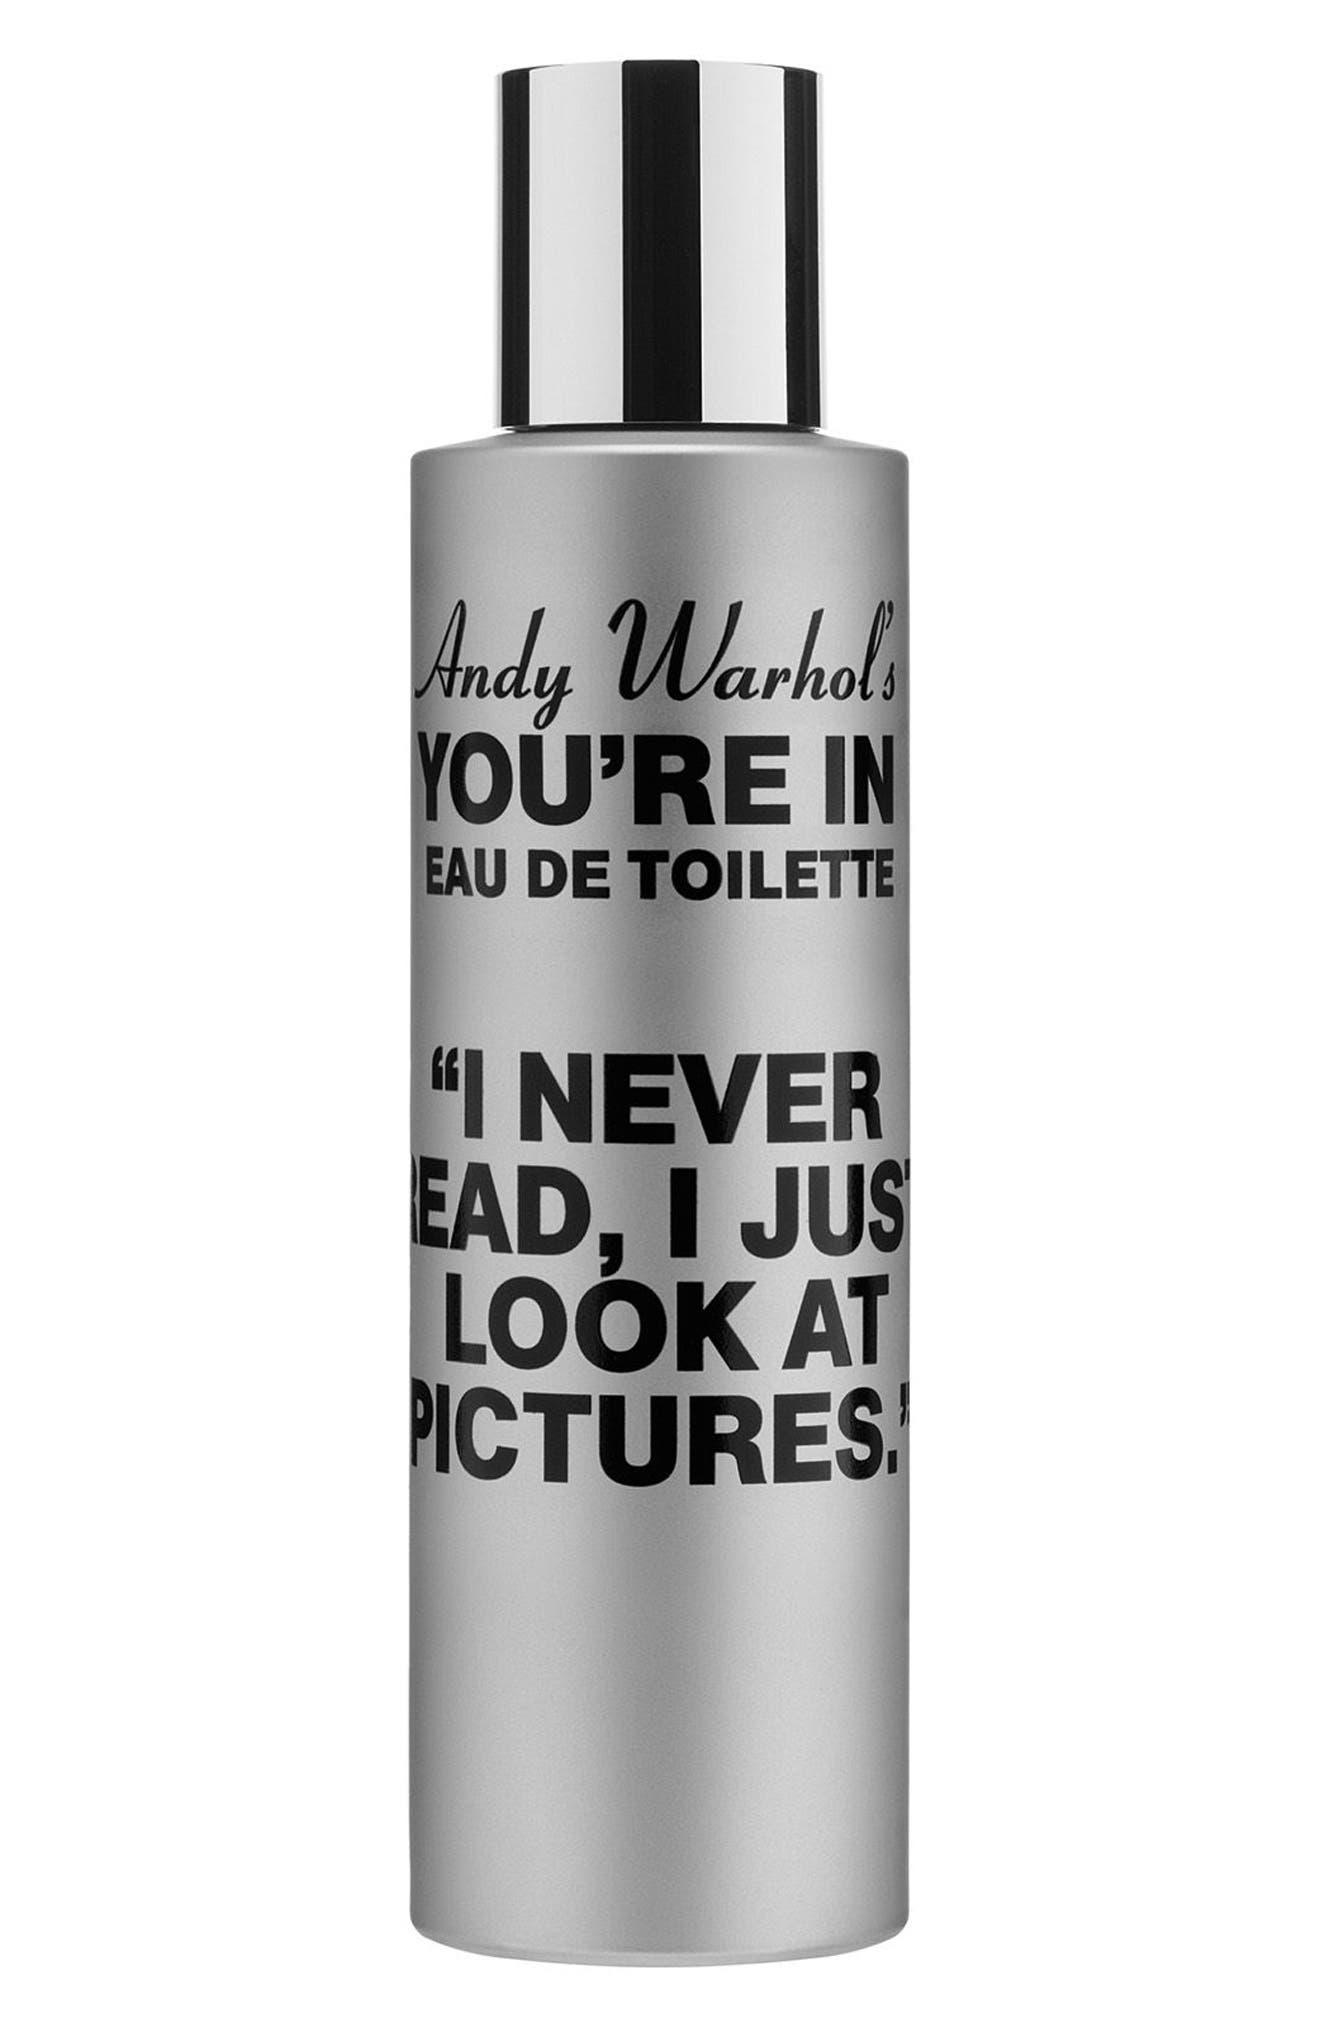 Comme des Garçons Andy Warhol You're In Unisex Eau de Toilette